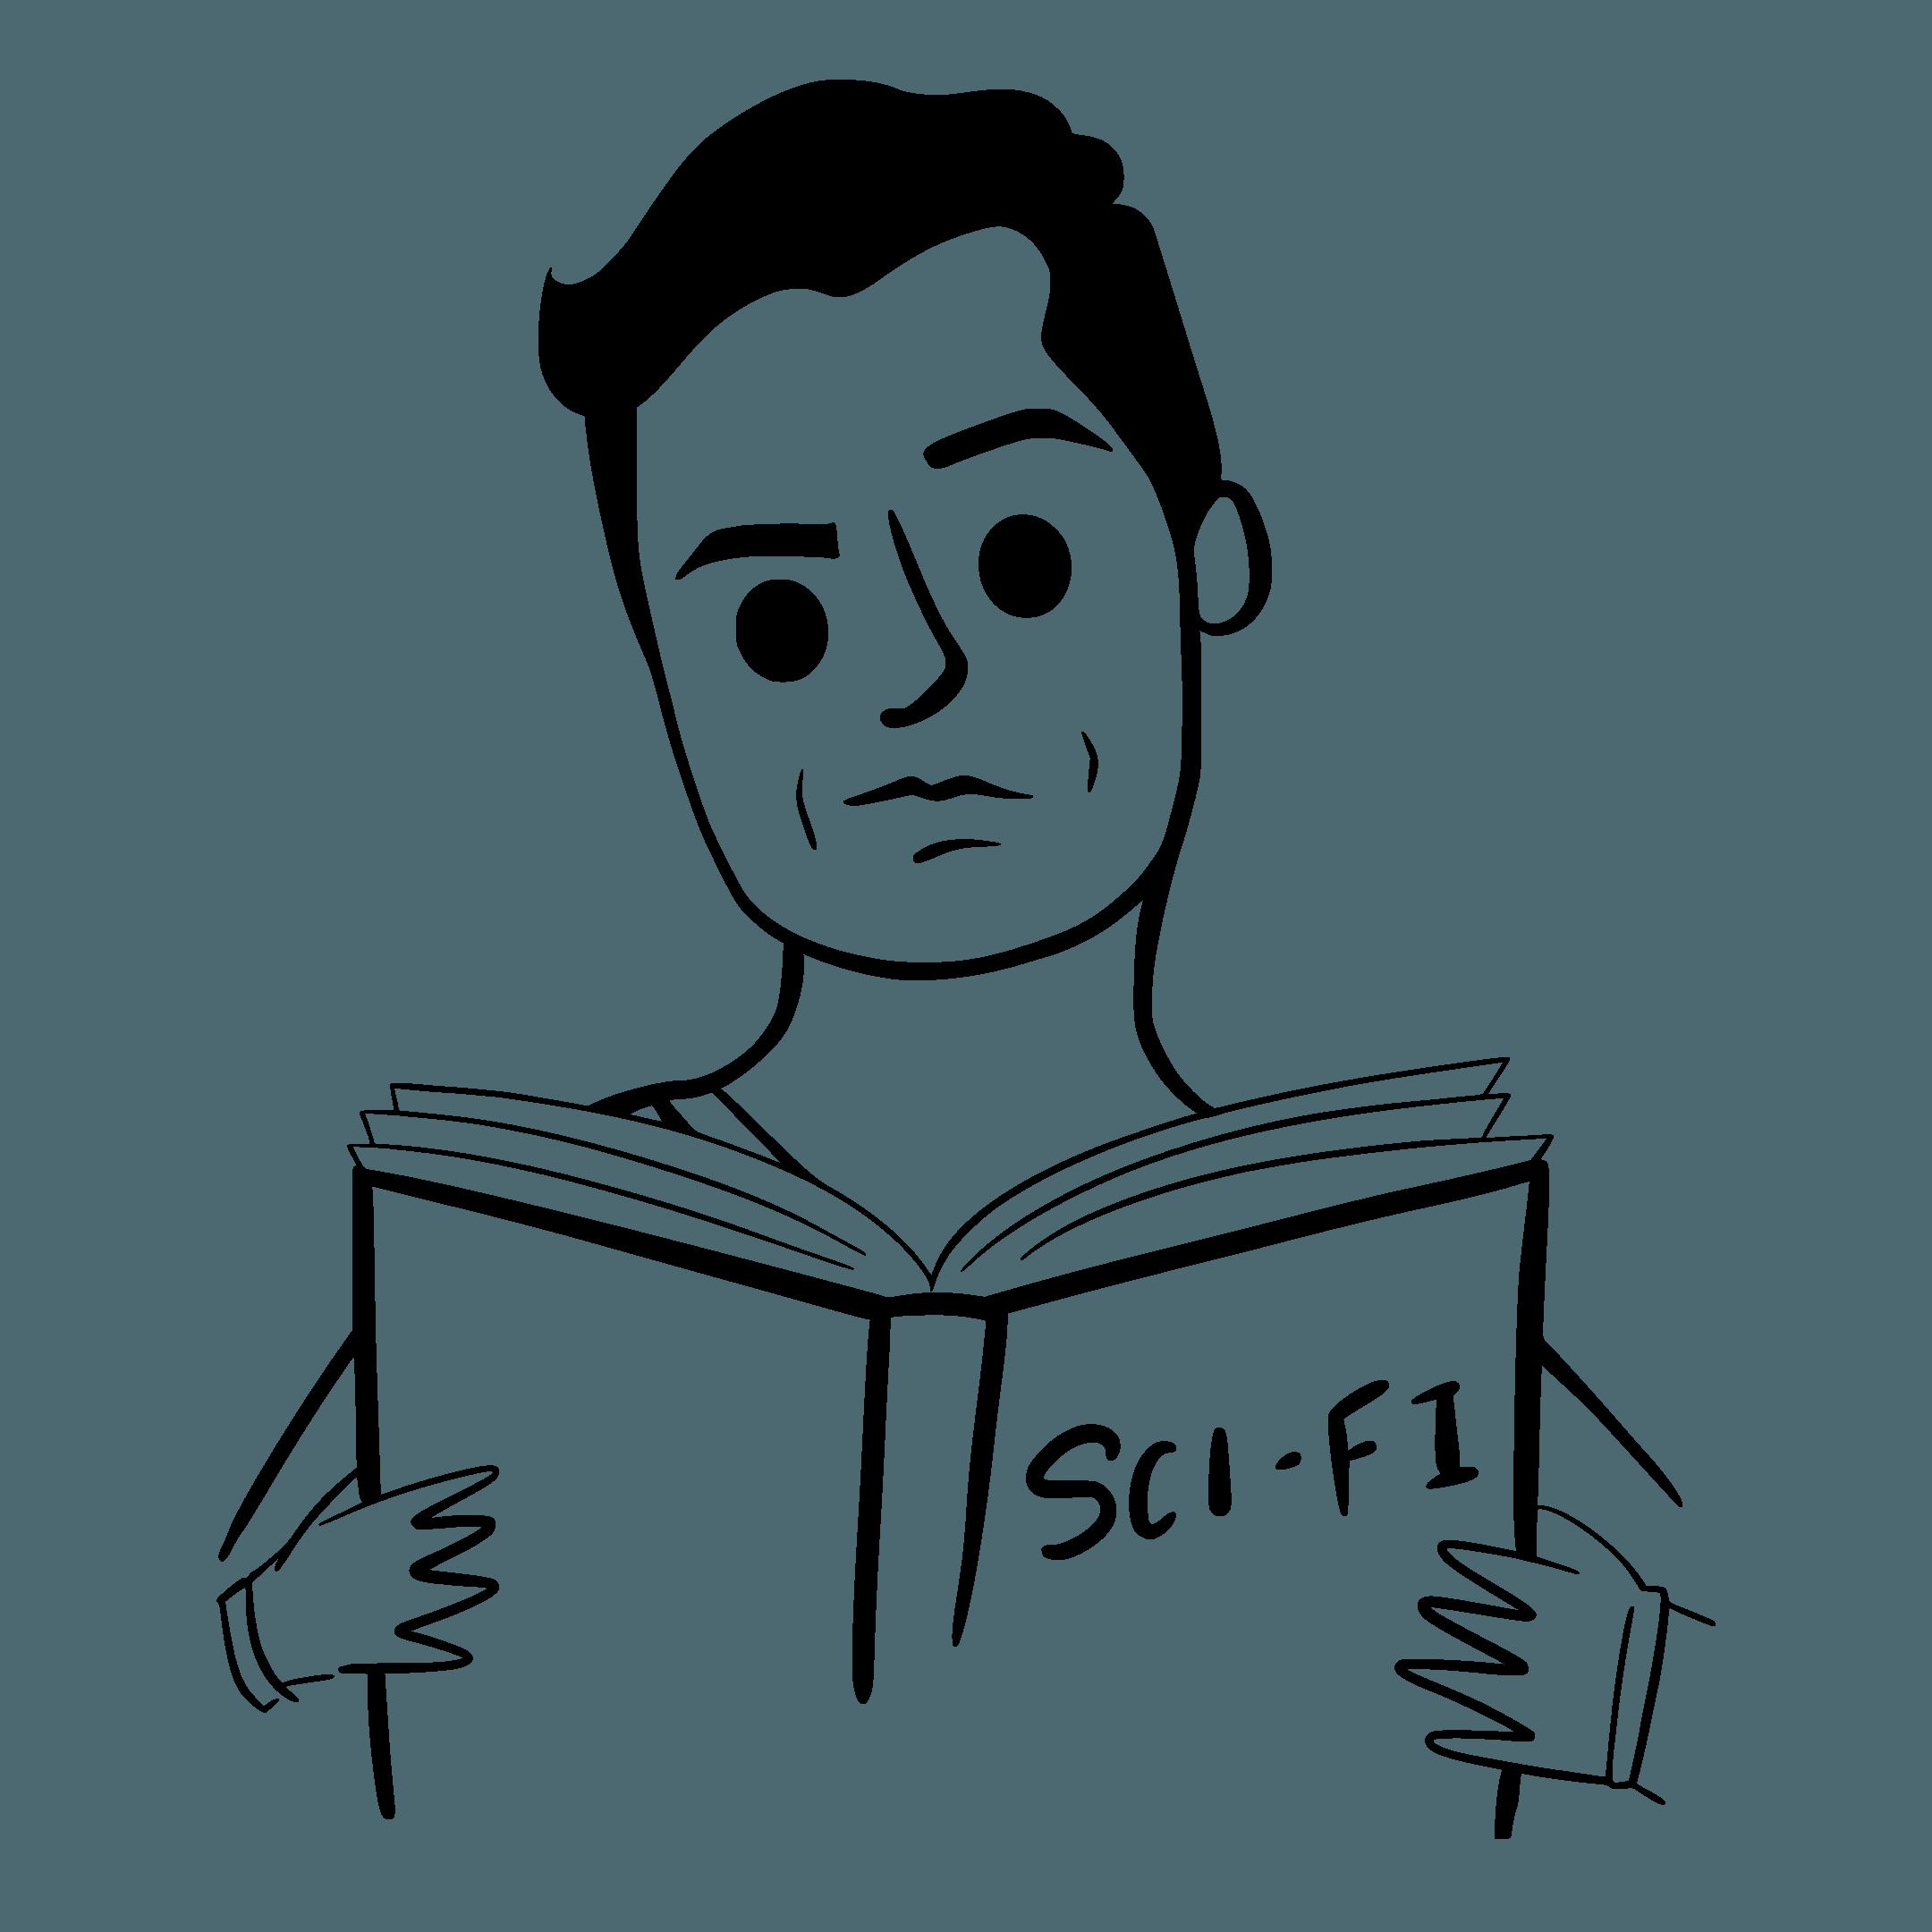 Illustration of Daniel Shepherd